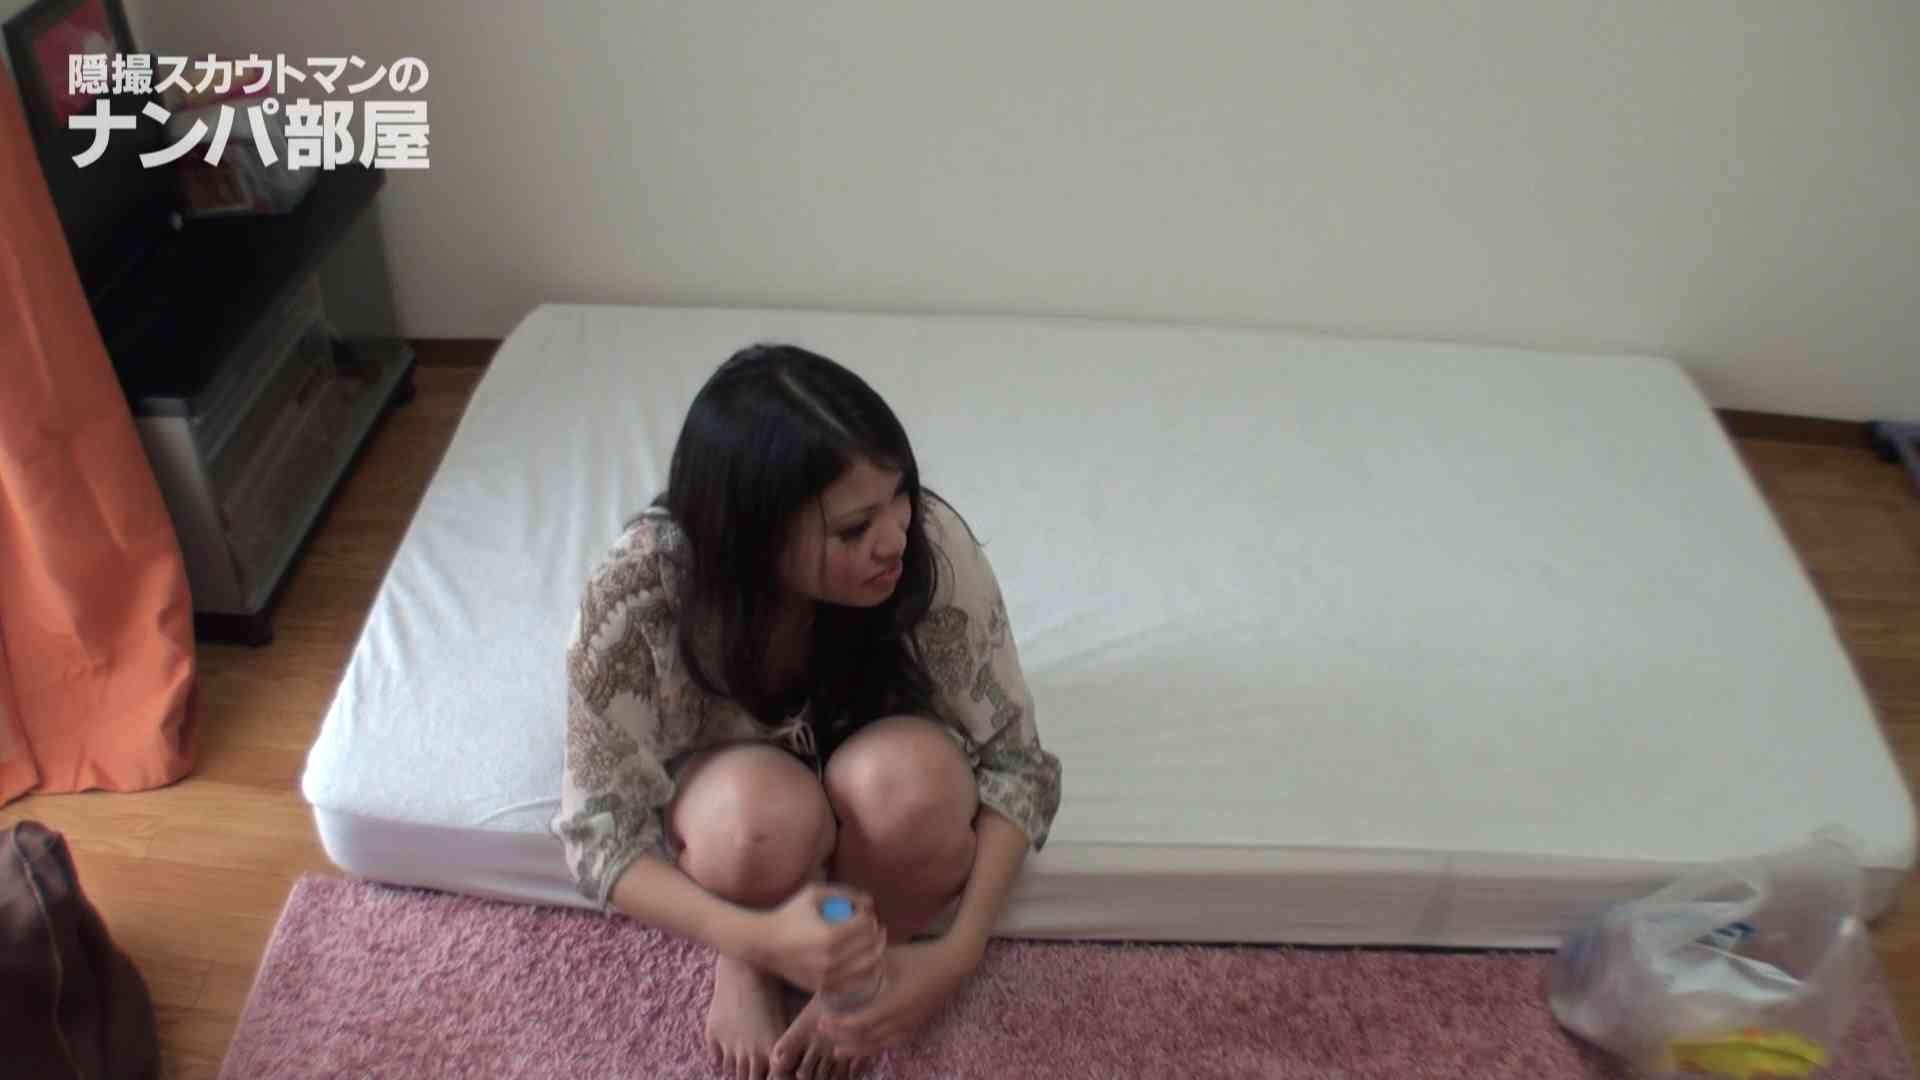 隠撮スカウトマンのナンパ部屋~風俗デビュー前のつまみ食い~hana 隠撮   脱衣所  105PIX 10